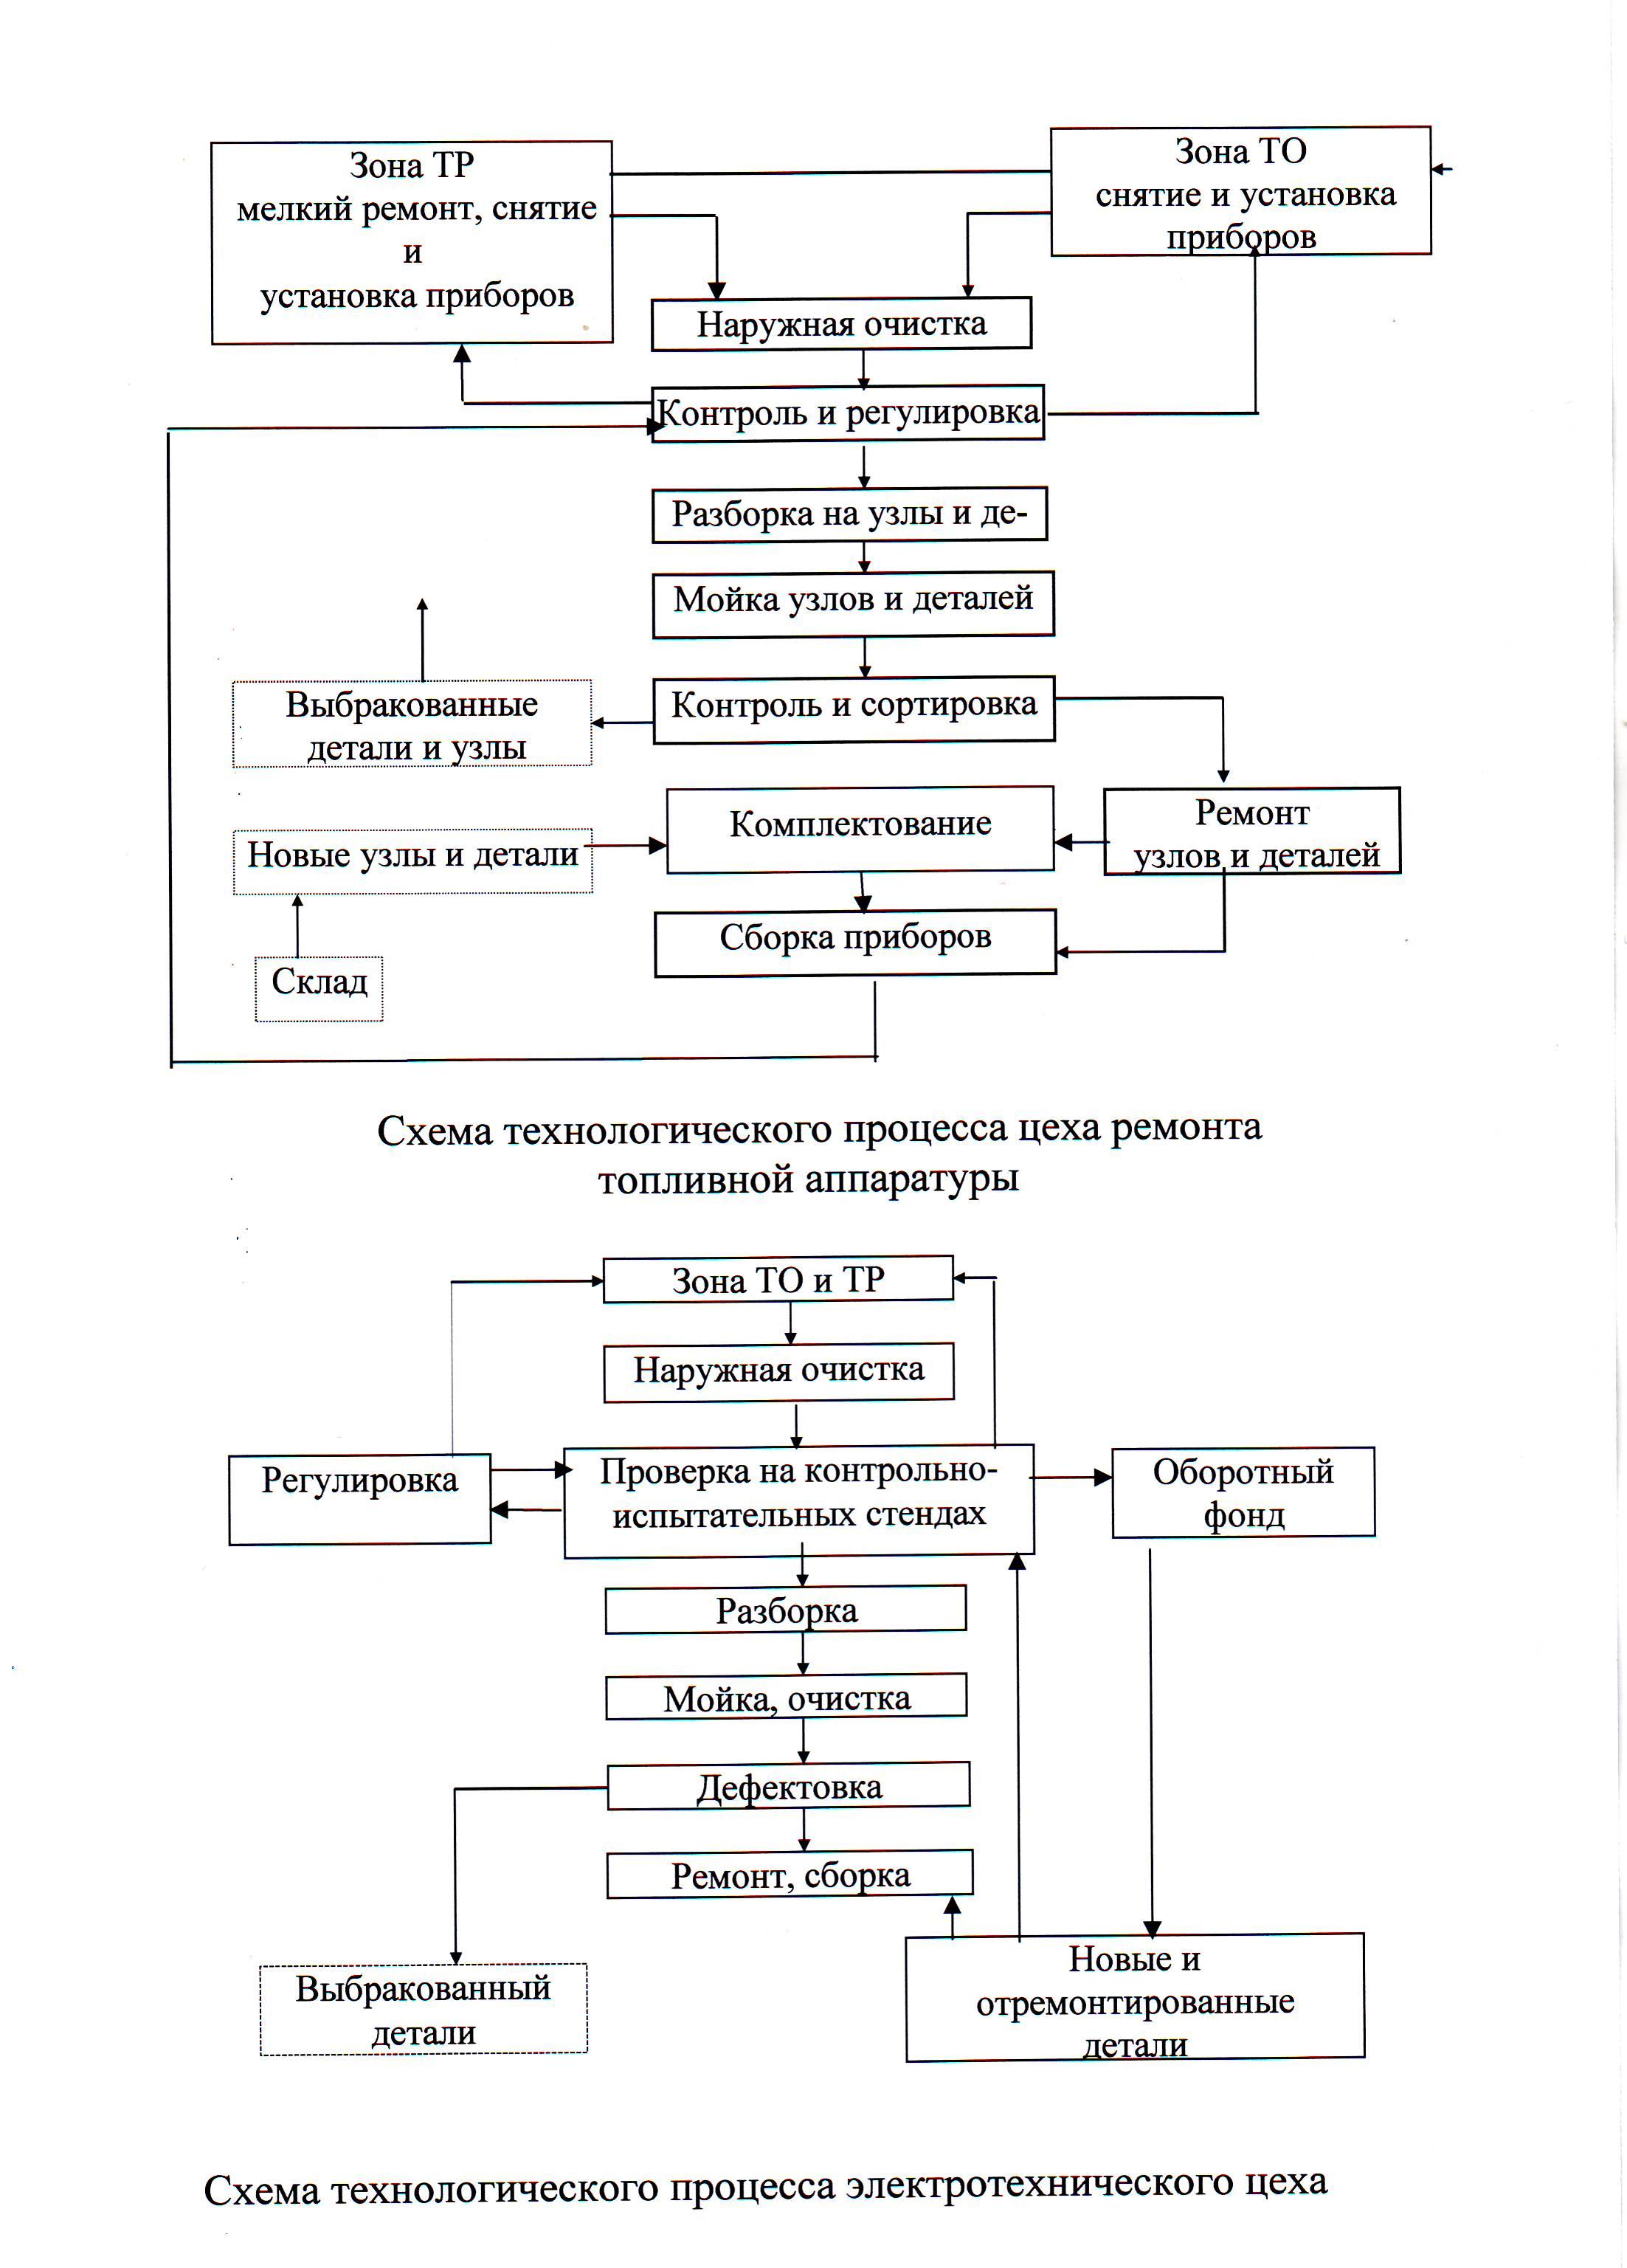 Схема технологического процесса на ремонтном участке участка